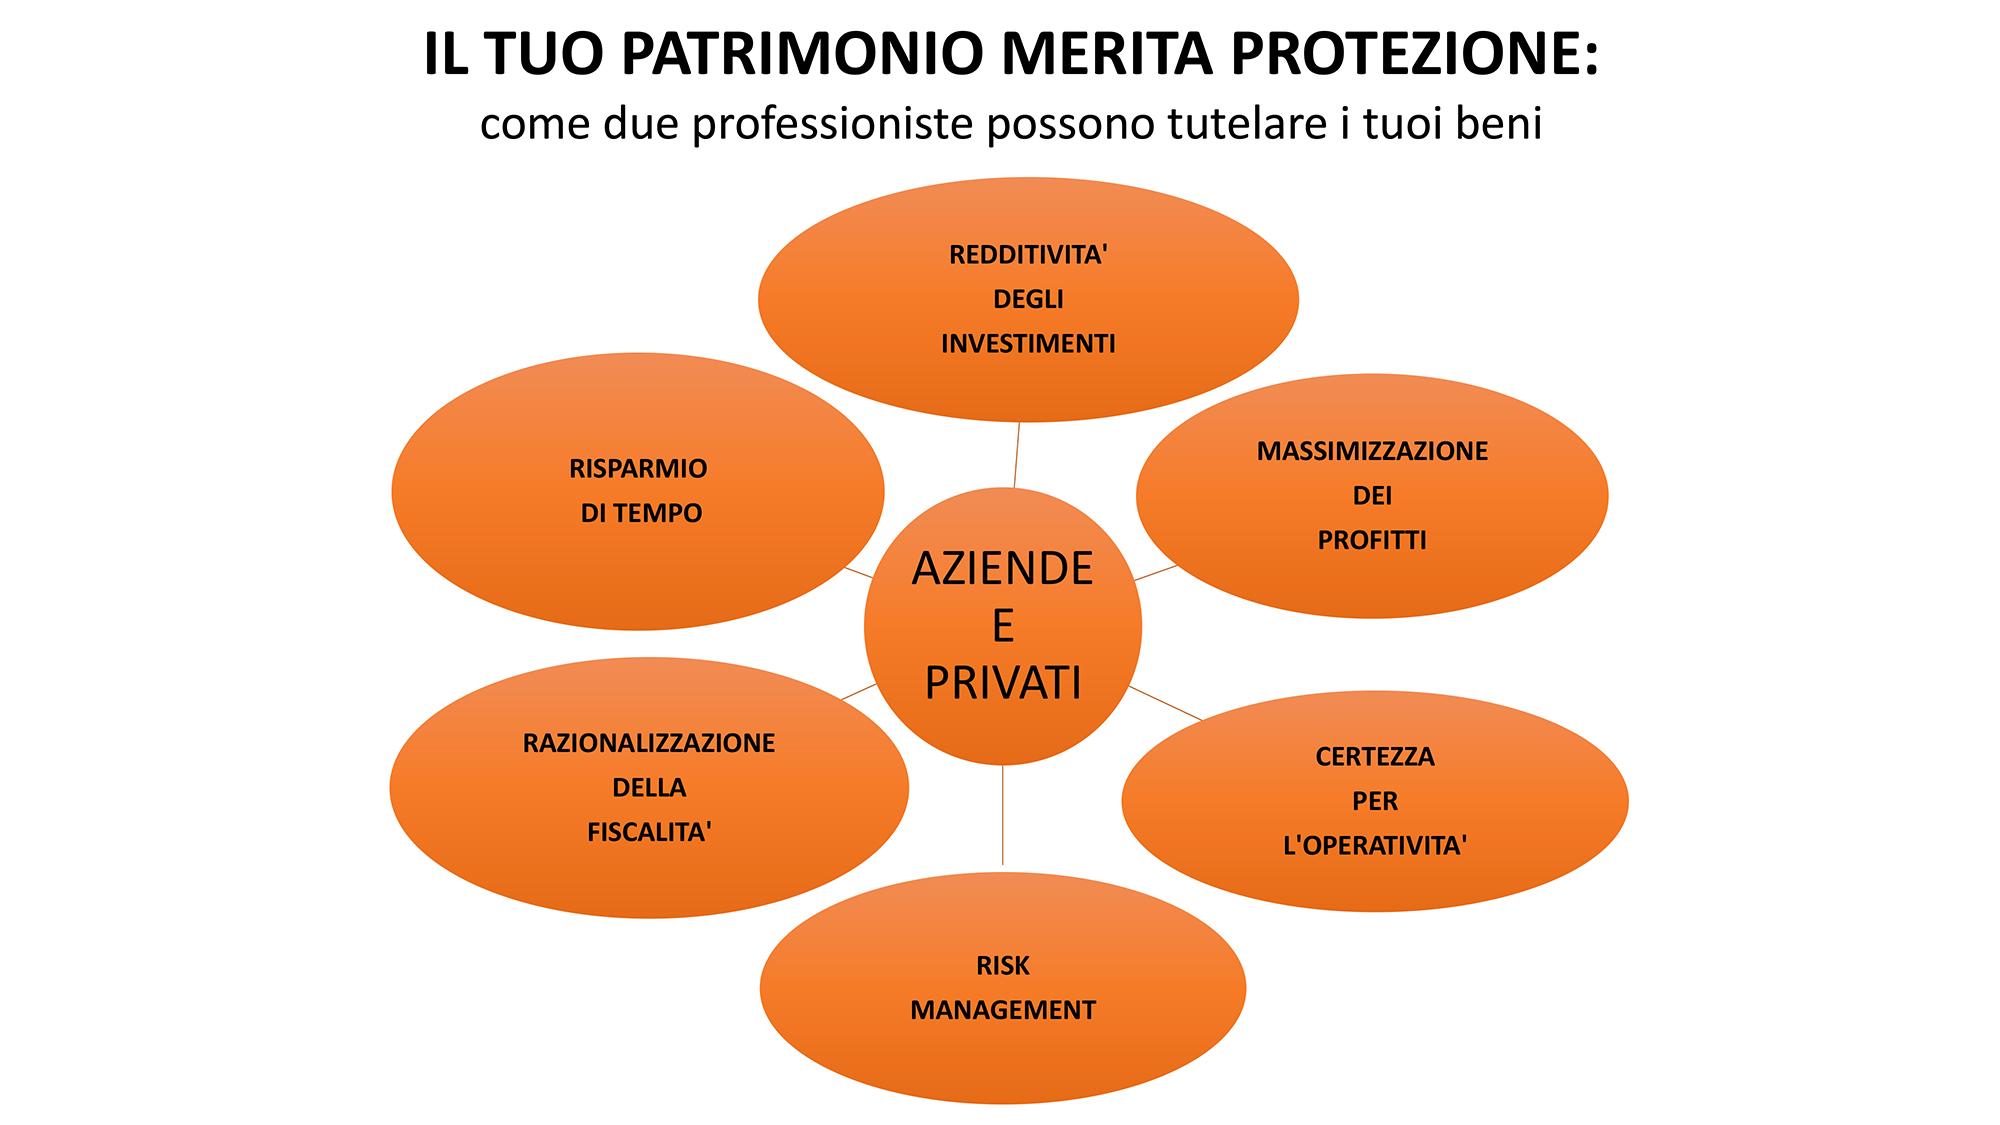 Diritto Patrimoniale - Tutela del patrimonio - Avvocato Zanvettor Romina Conegliano (TV) - Brescia